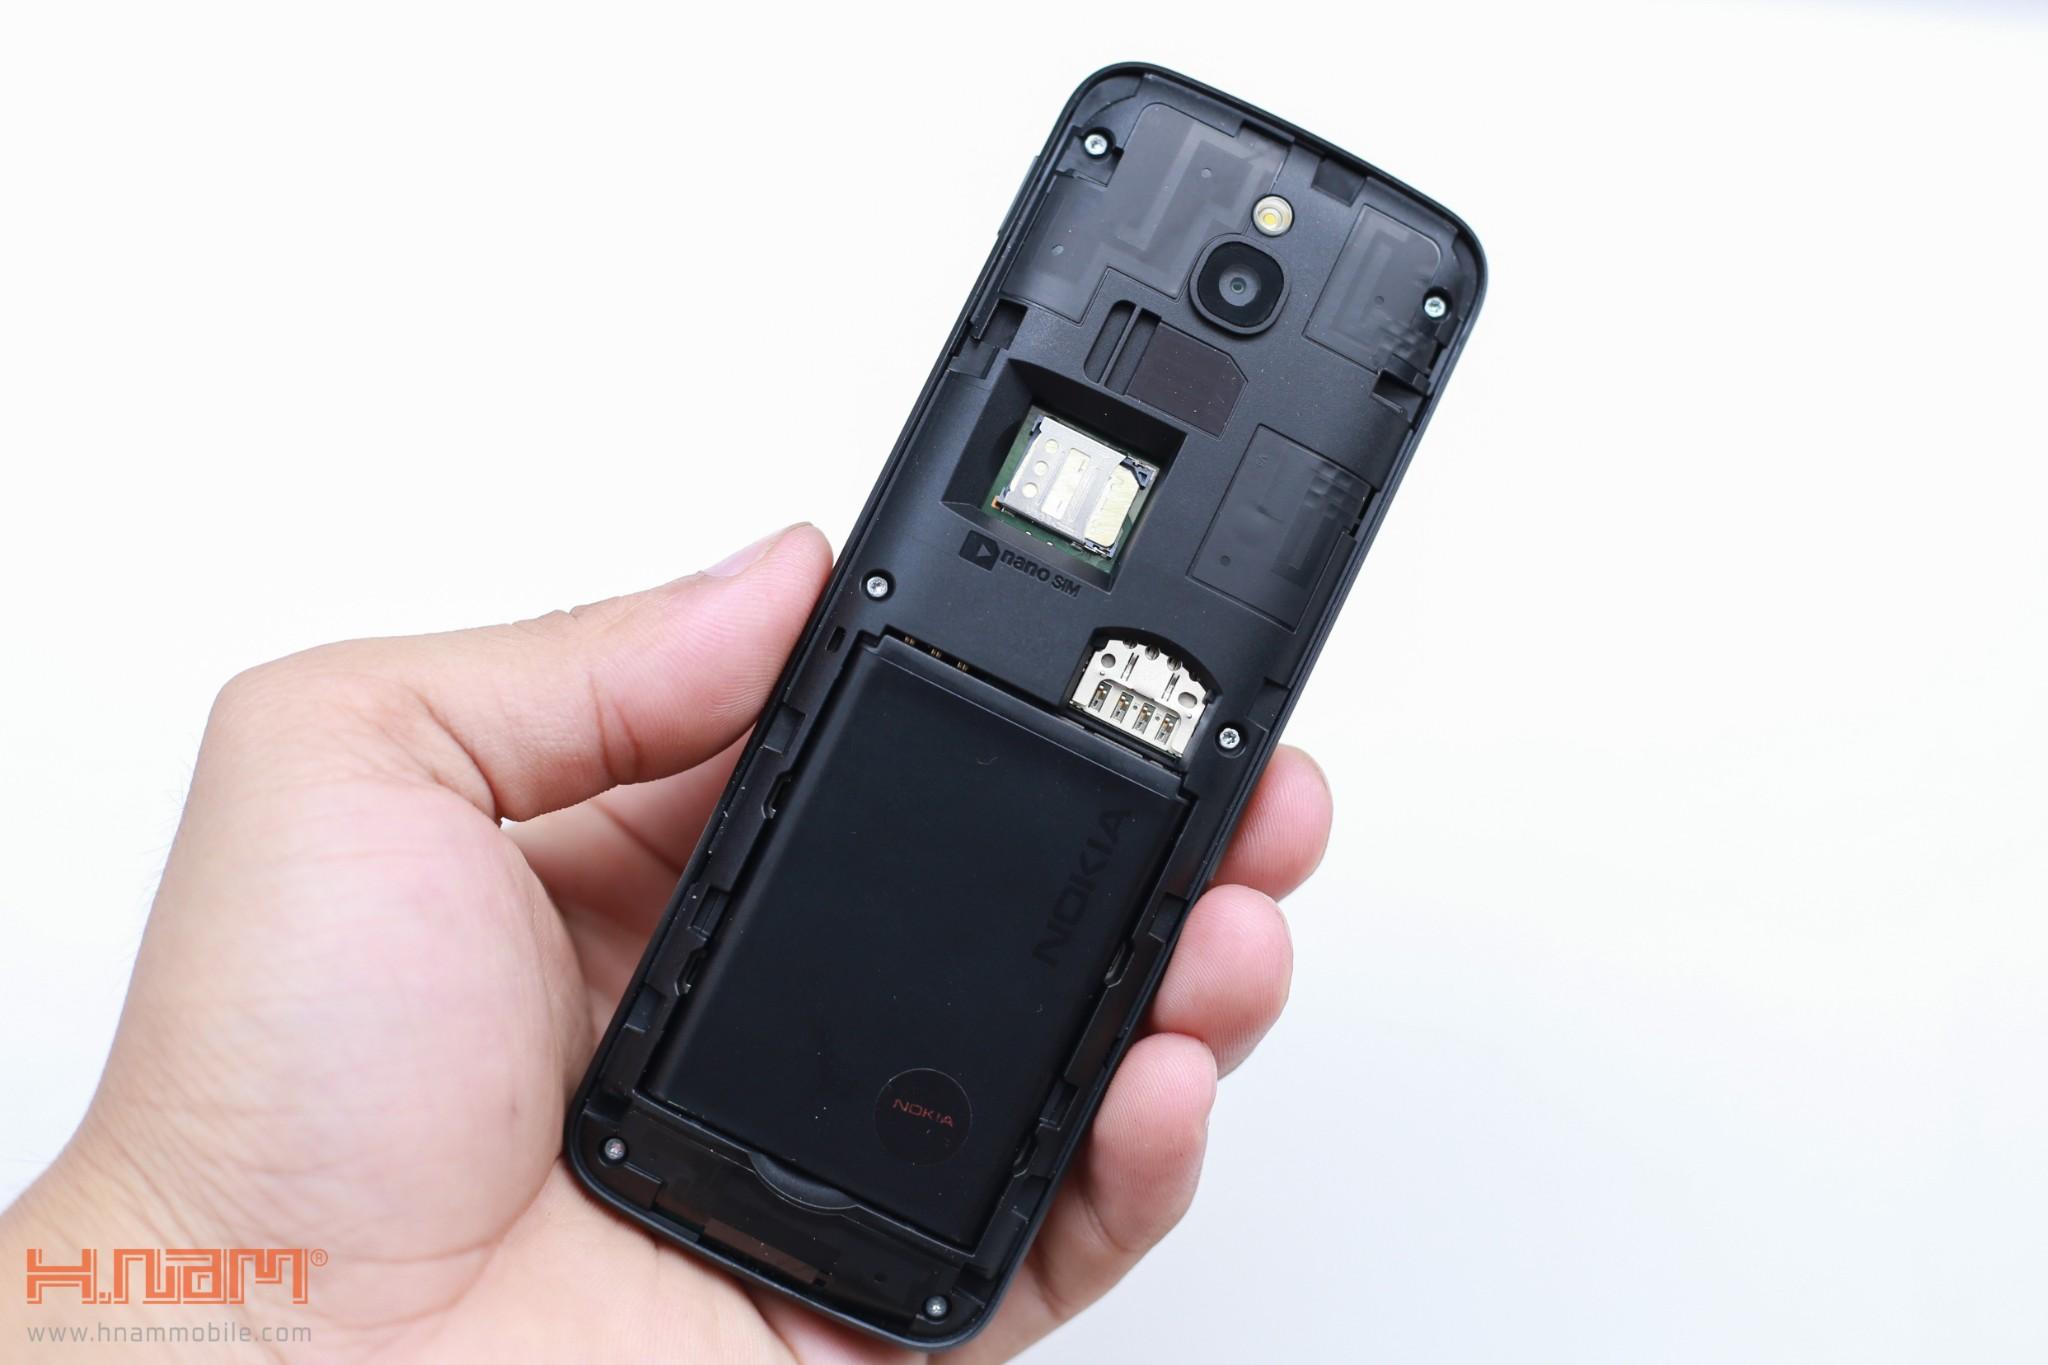 Trên tay Nokia 8110 chuối: Thiết kế siêu cute, phát 4G, giá 1.7 triệu đồng hình 19